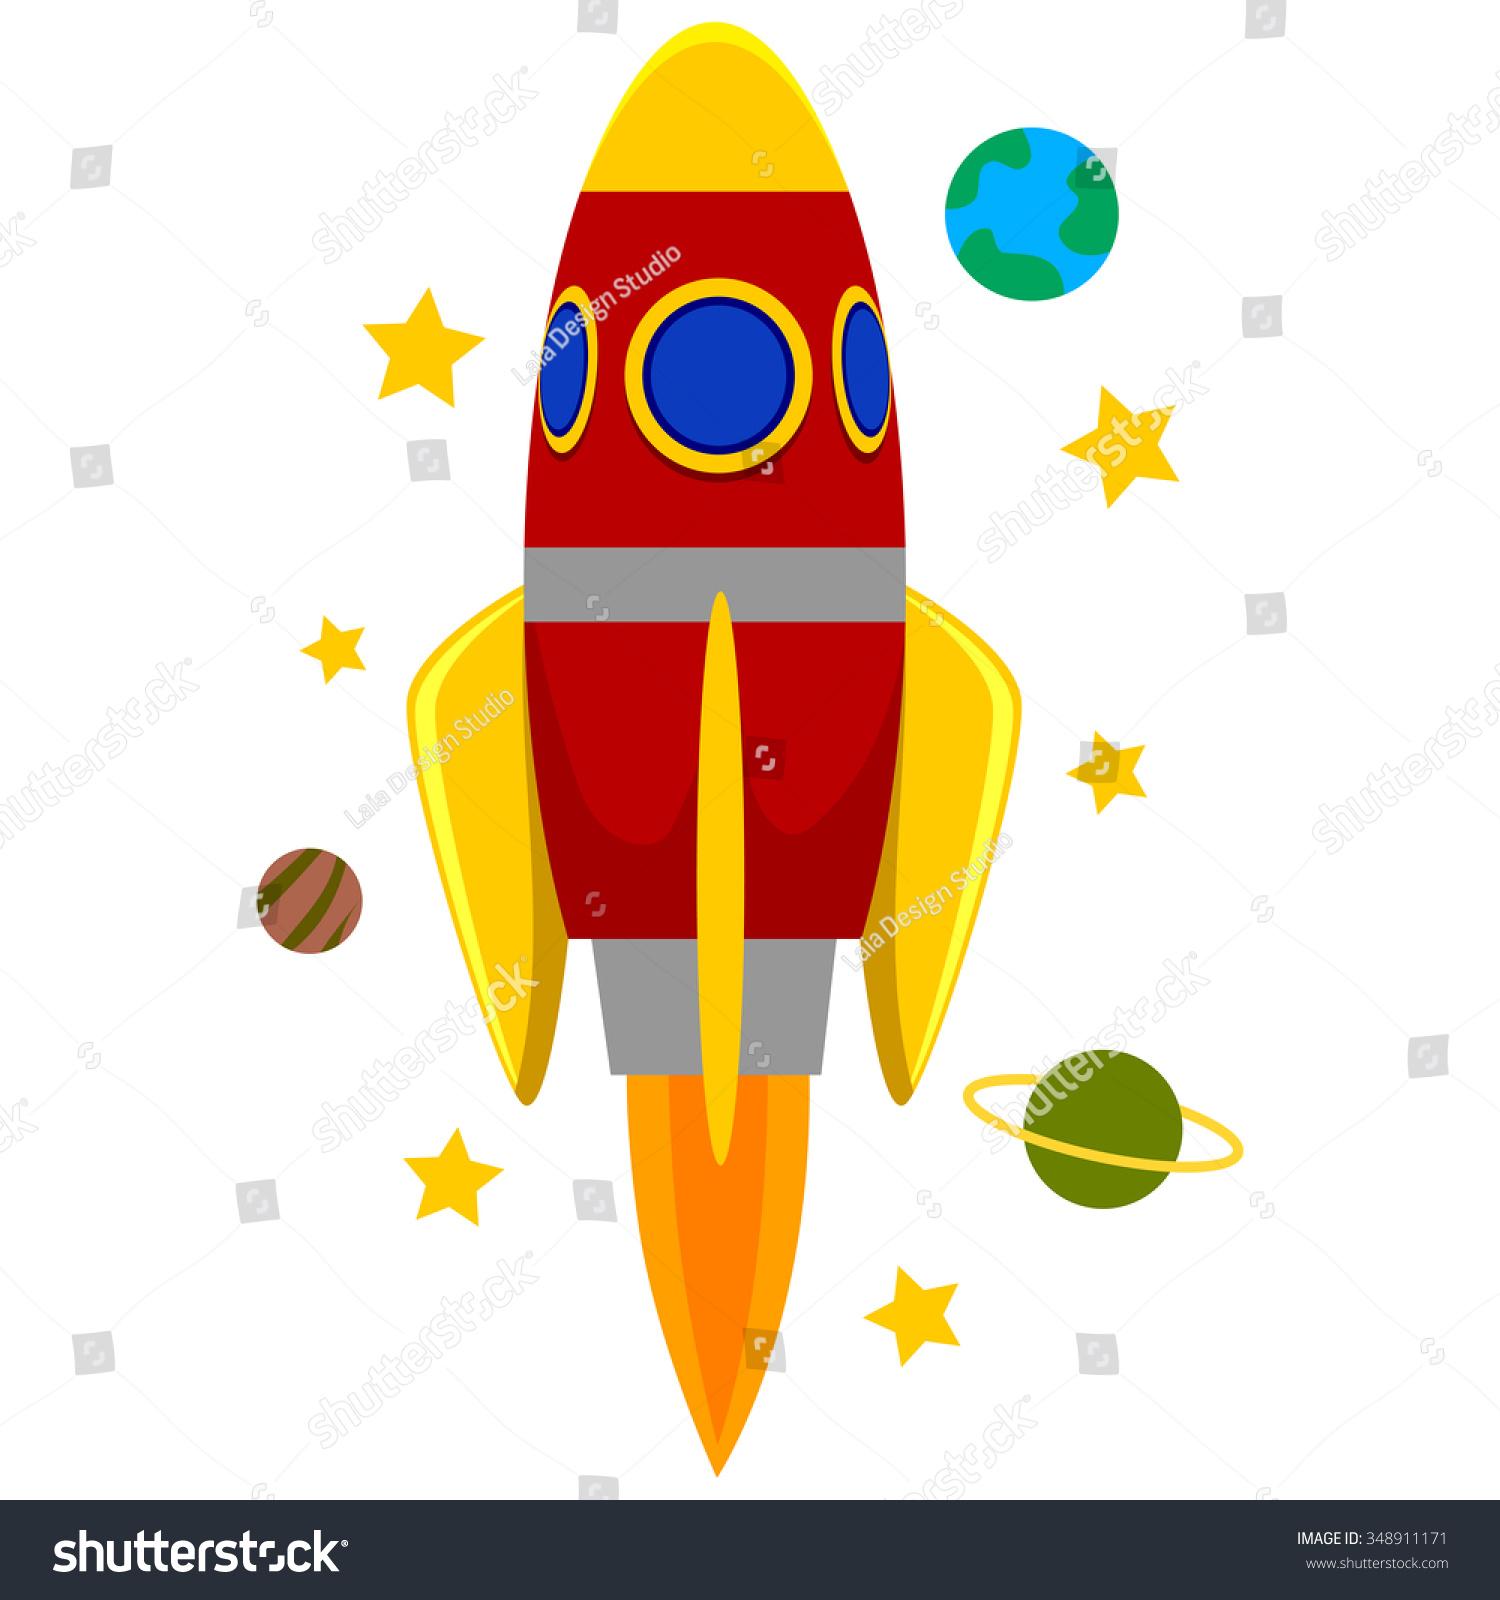 Image result for images of rocket